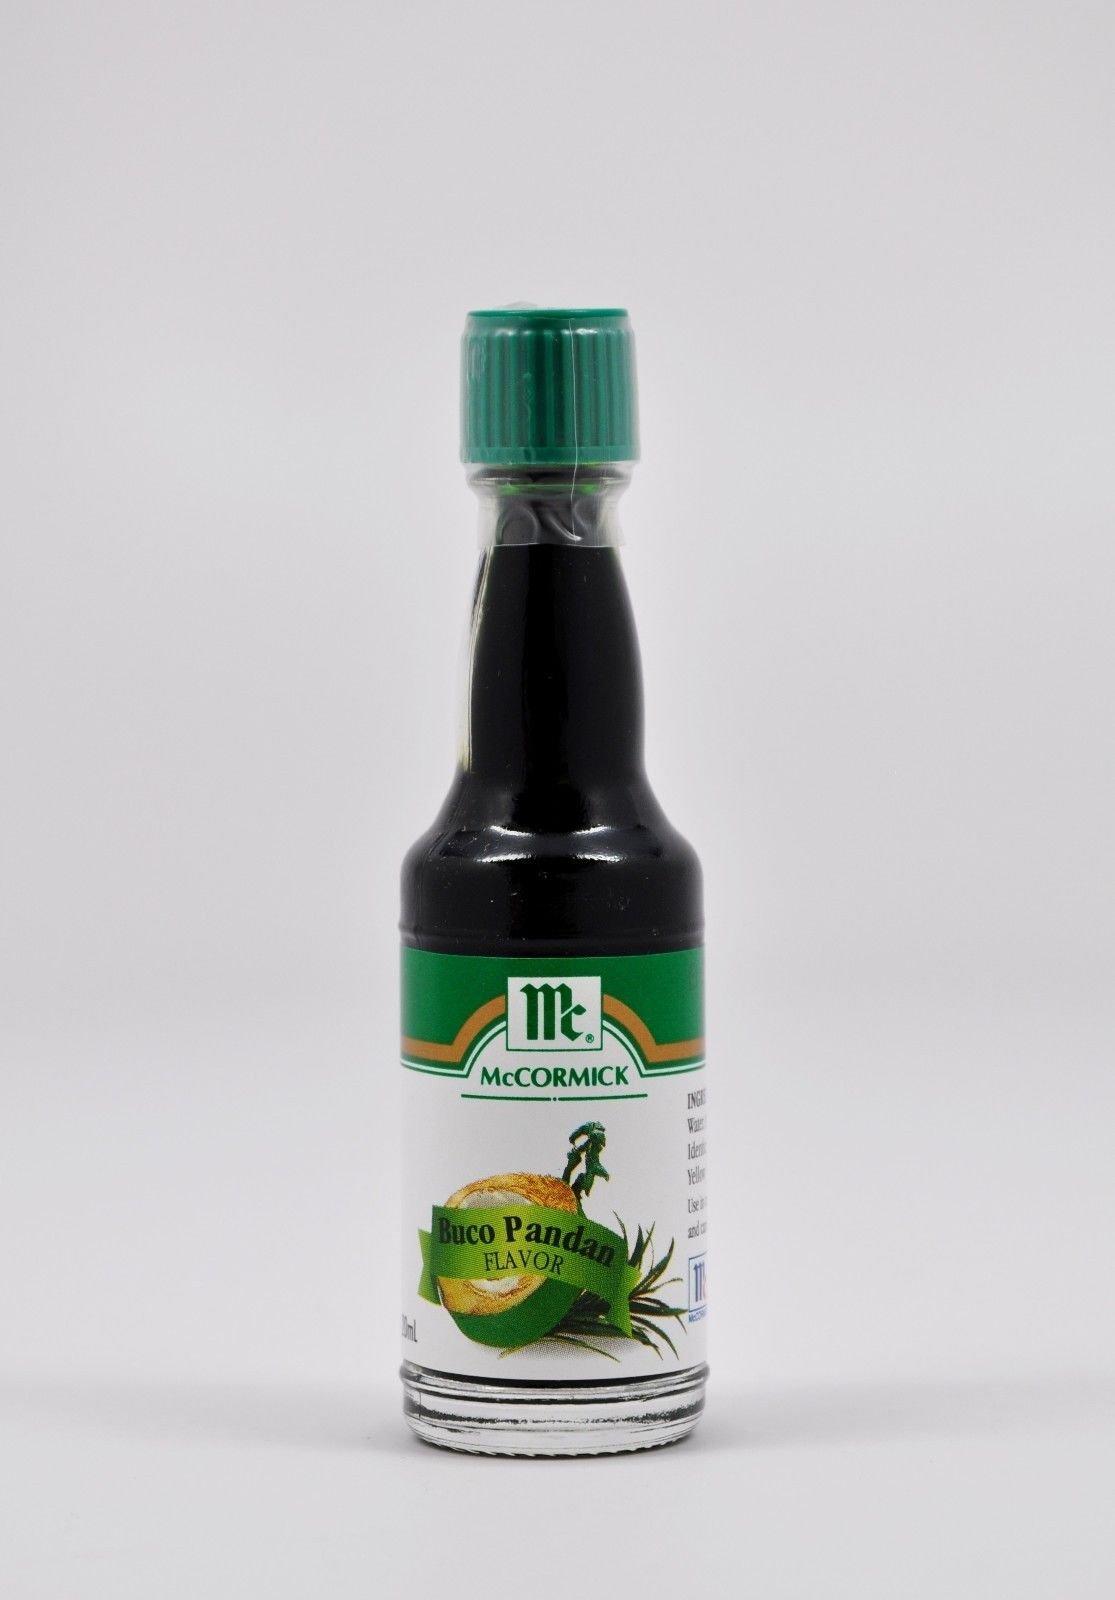 McCORMICK Buco Pandan Flavor Extract 1 x 20ml